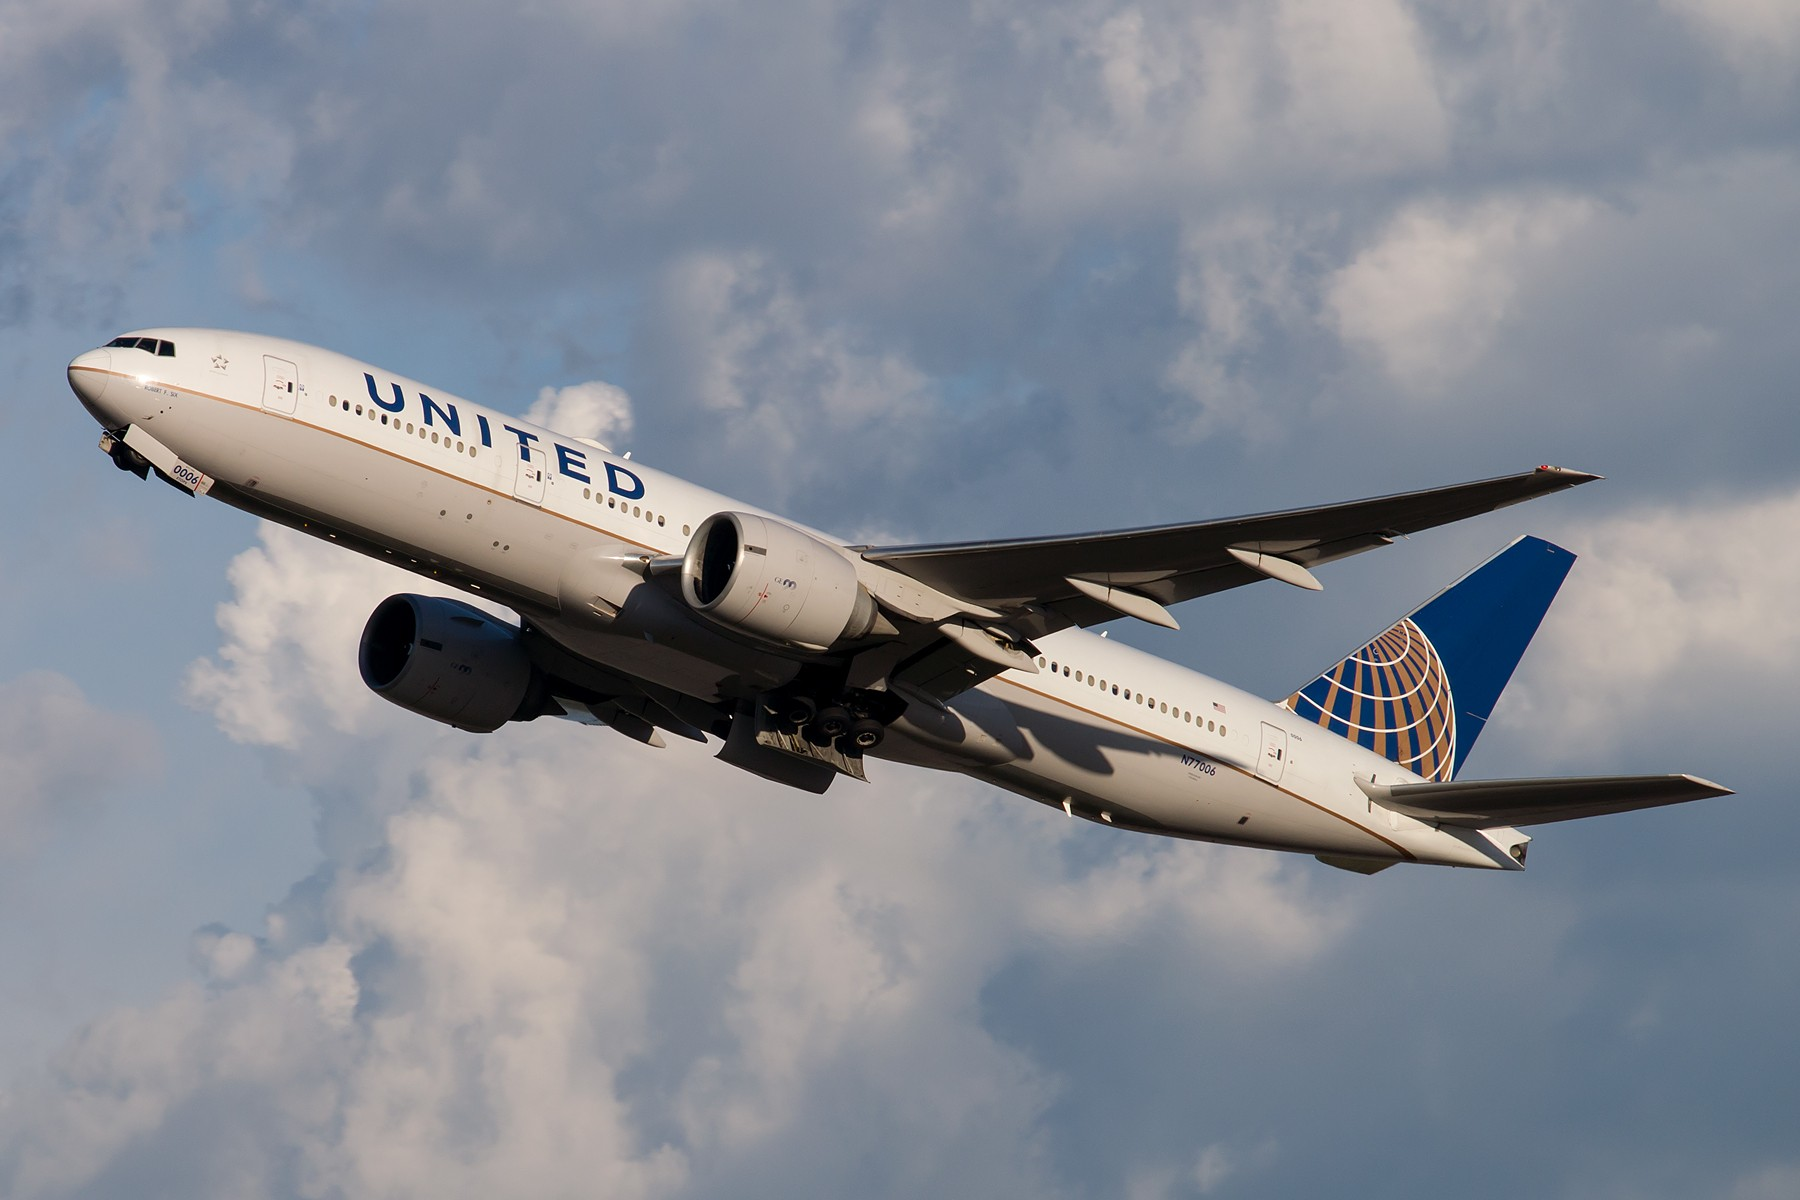 [一图党] 美国联合航空 N77006 B777-200ER 1800*1200 BOEING B777-200ER N77006 中国北京首都国际机场